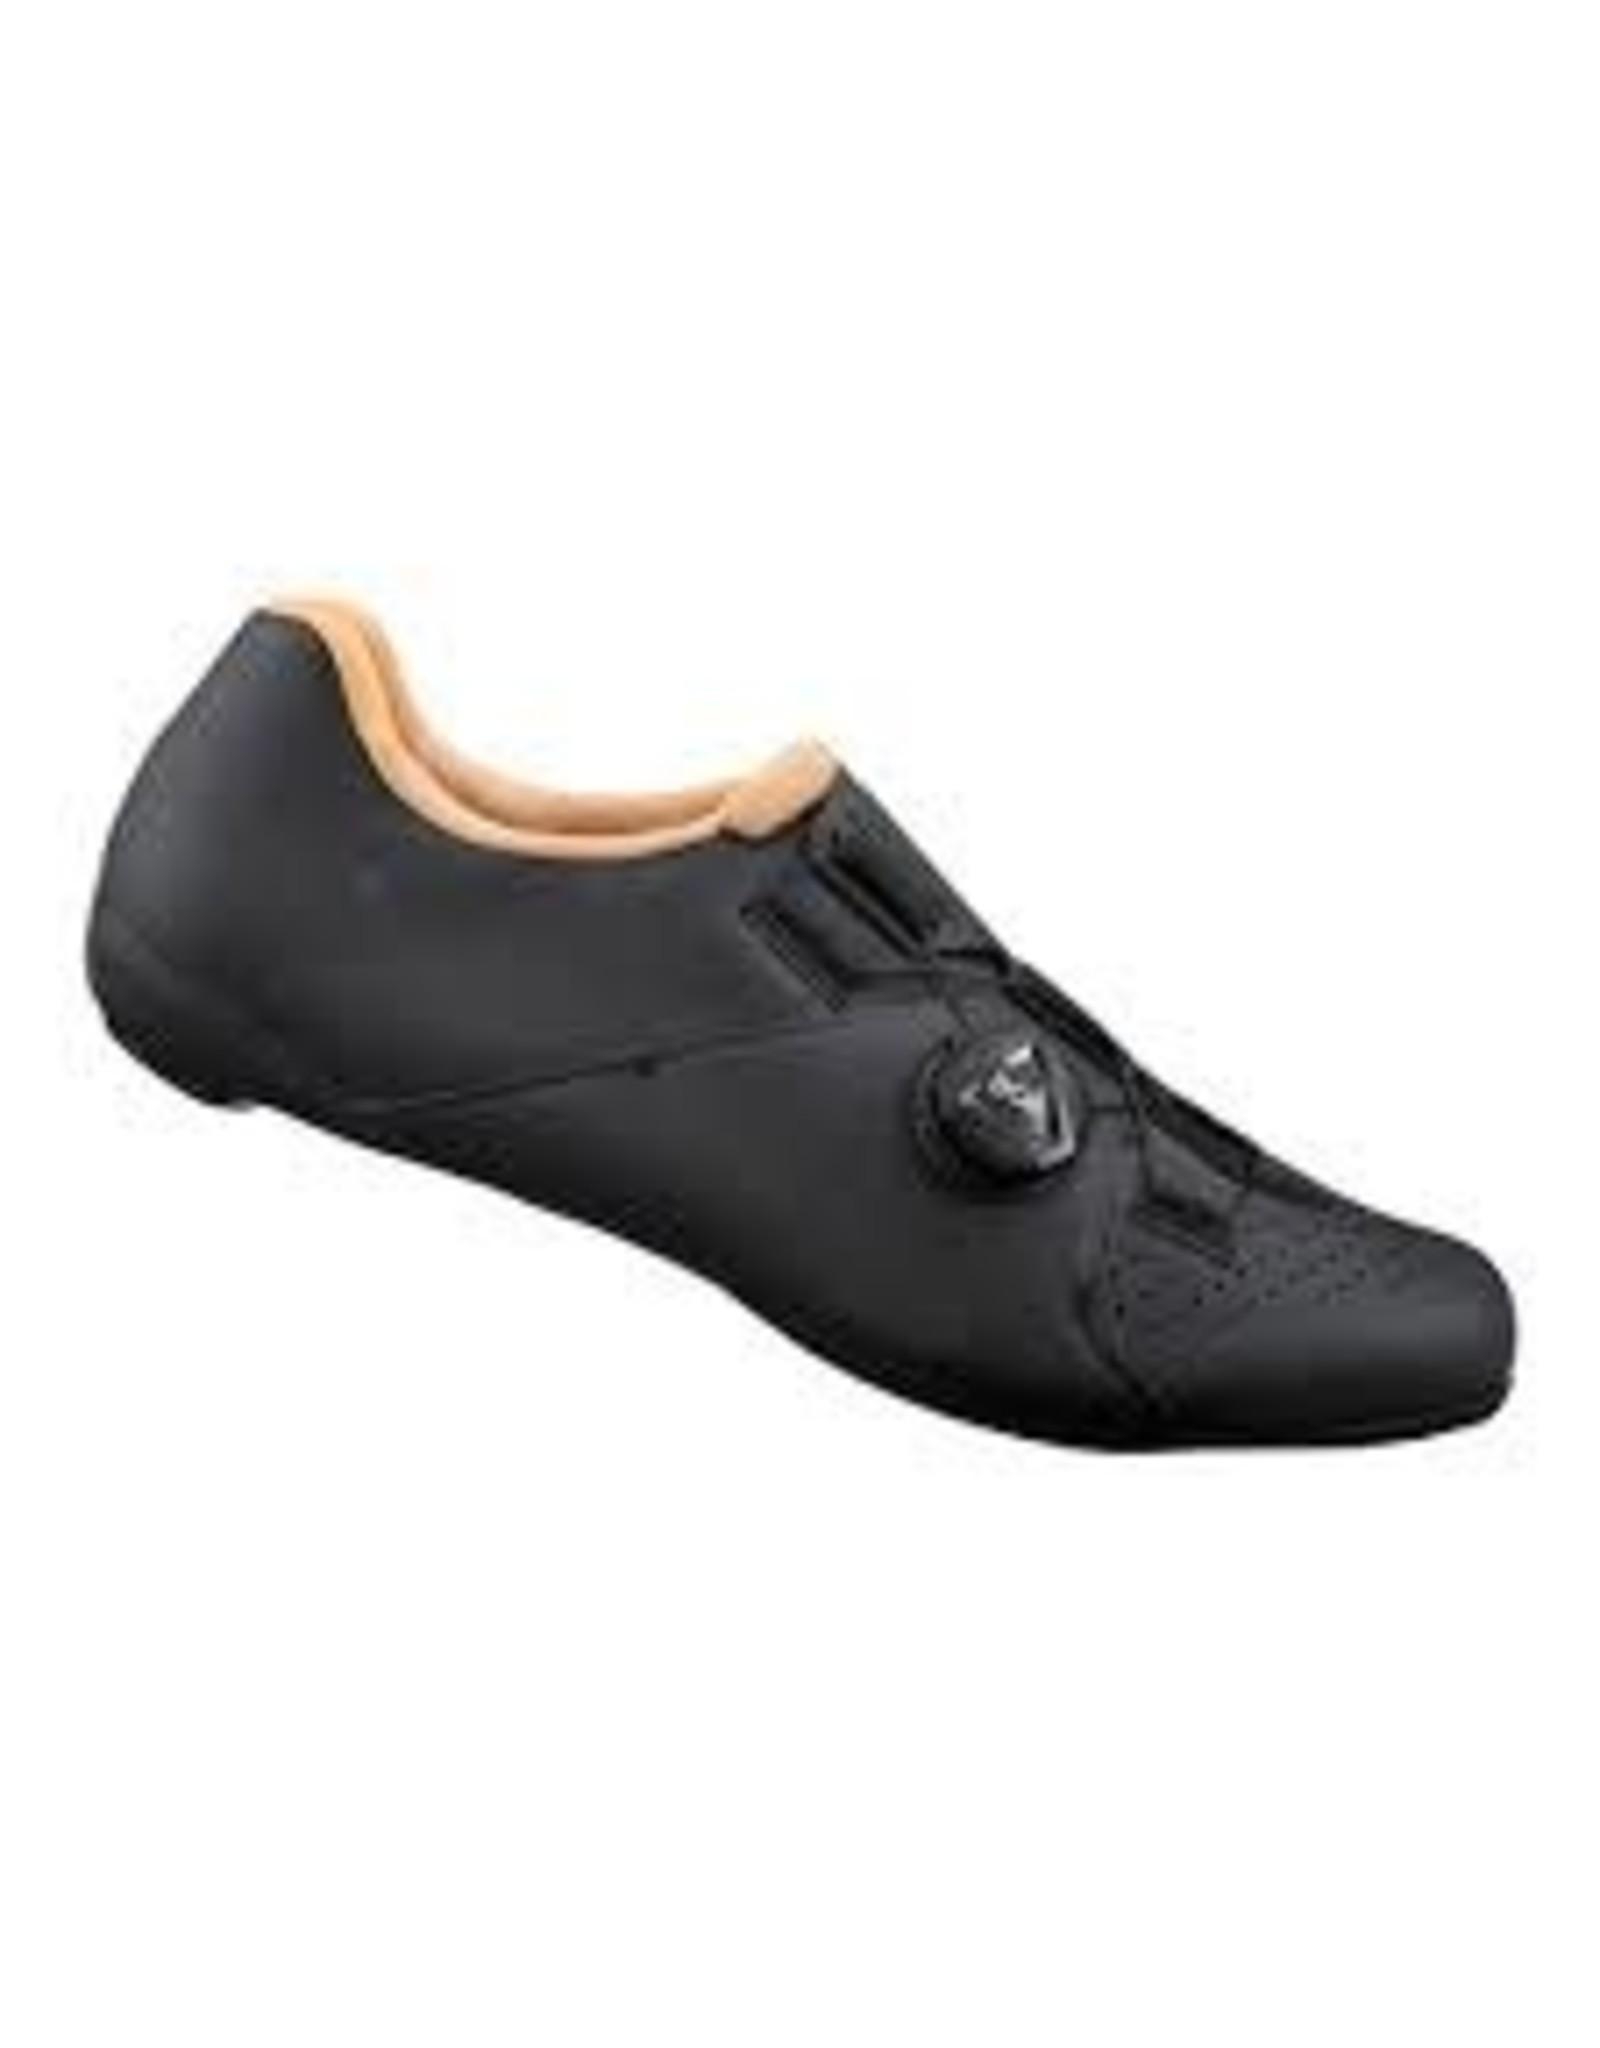 SHIMANO Women's SH-RC300W Bicycle Shoe